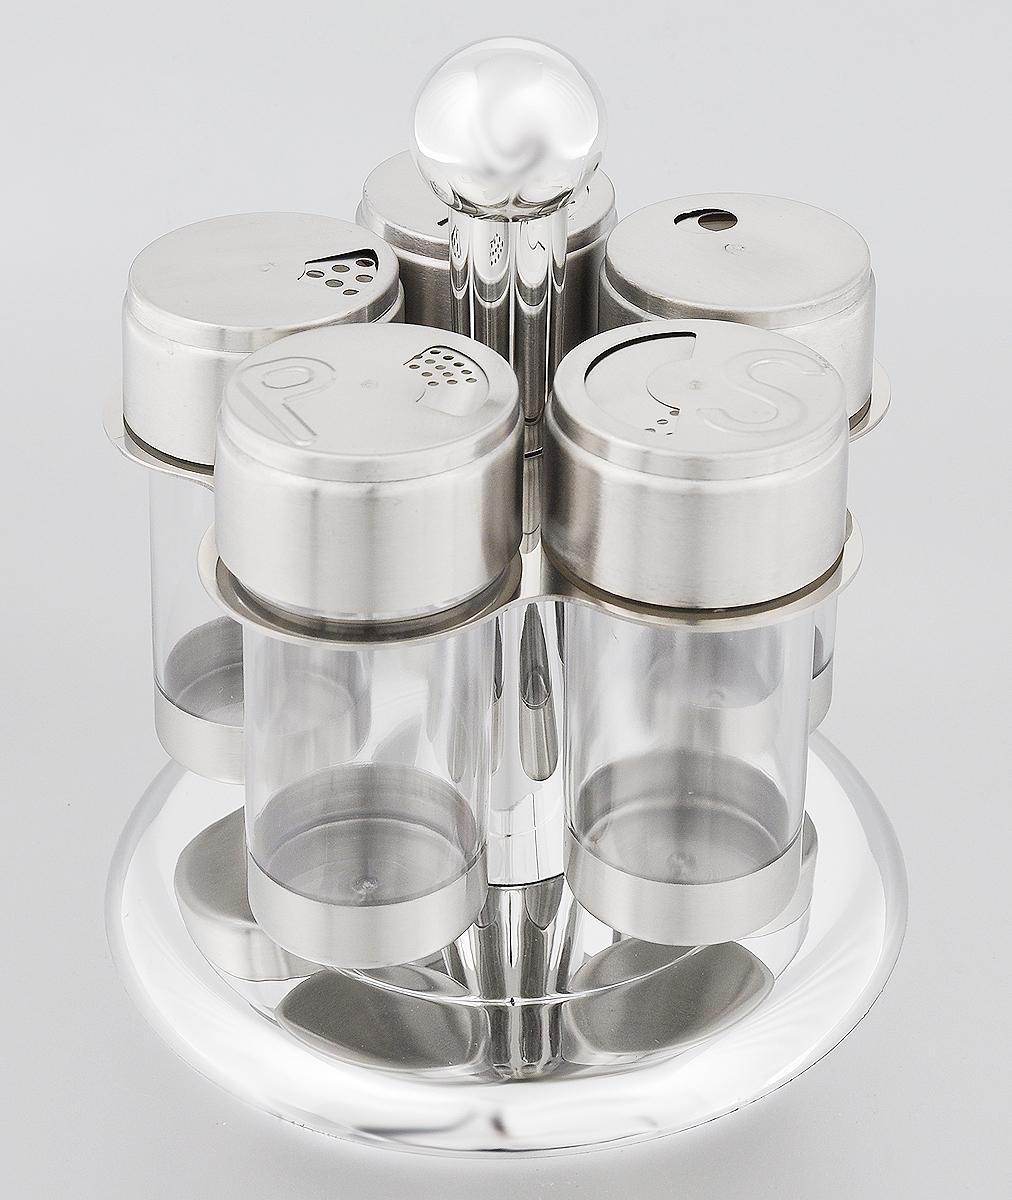 Набор банок для специй Mayer & Boch, на подставке, 6 предметовД Дачно-Деревенский 20Набор Mayer & Boch состоит из трех универсальных емкостей для специй, перечницы и солонки, расположенных на вращающейся металлической подставке. Банки для хранения выполнены из высококачественной нержавеющей стали и прозрачного пластика. Крышки емкостей снабжены резьбой, которая обеспечивает плотное прилегание крышки, а также позволяет долгое время сохранить специи свежими. Набор Mayer & Boch - это оригинальное решение для современной кухни.Объем банок: 100 мл.Диаметр банок: 5,2 см.Высота банок: 11 см.Размер подставки: 16 х 16 х 18,5 см.